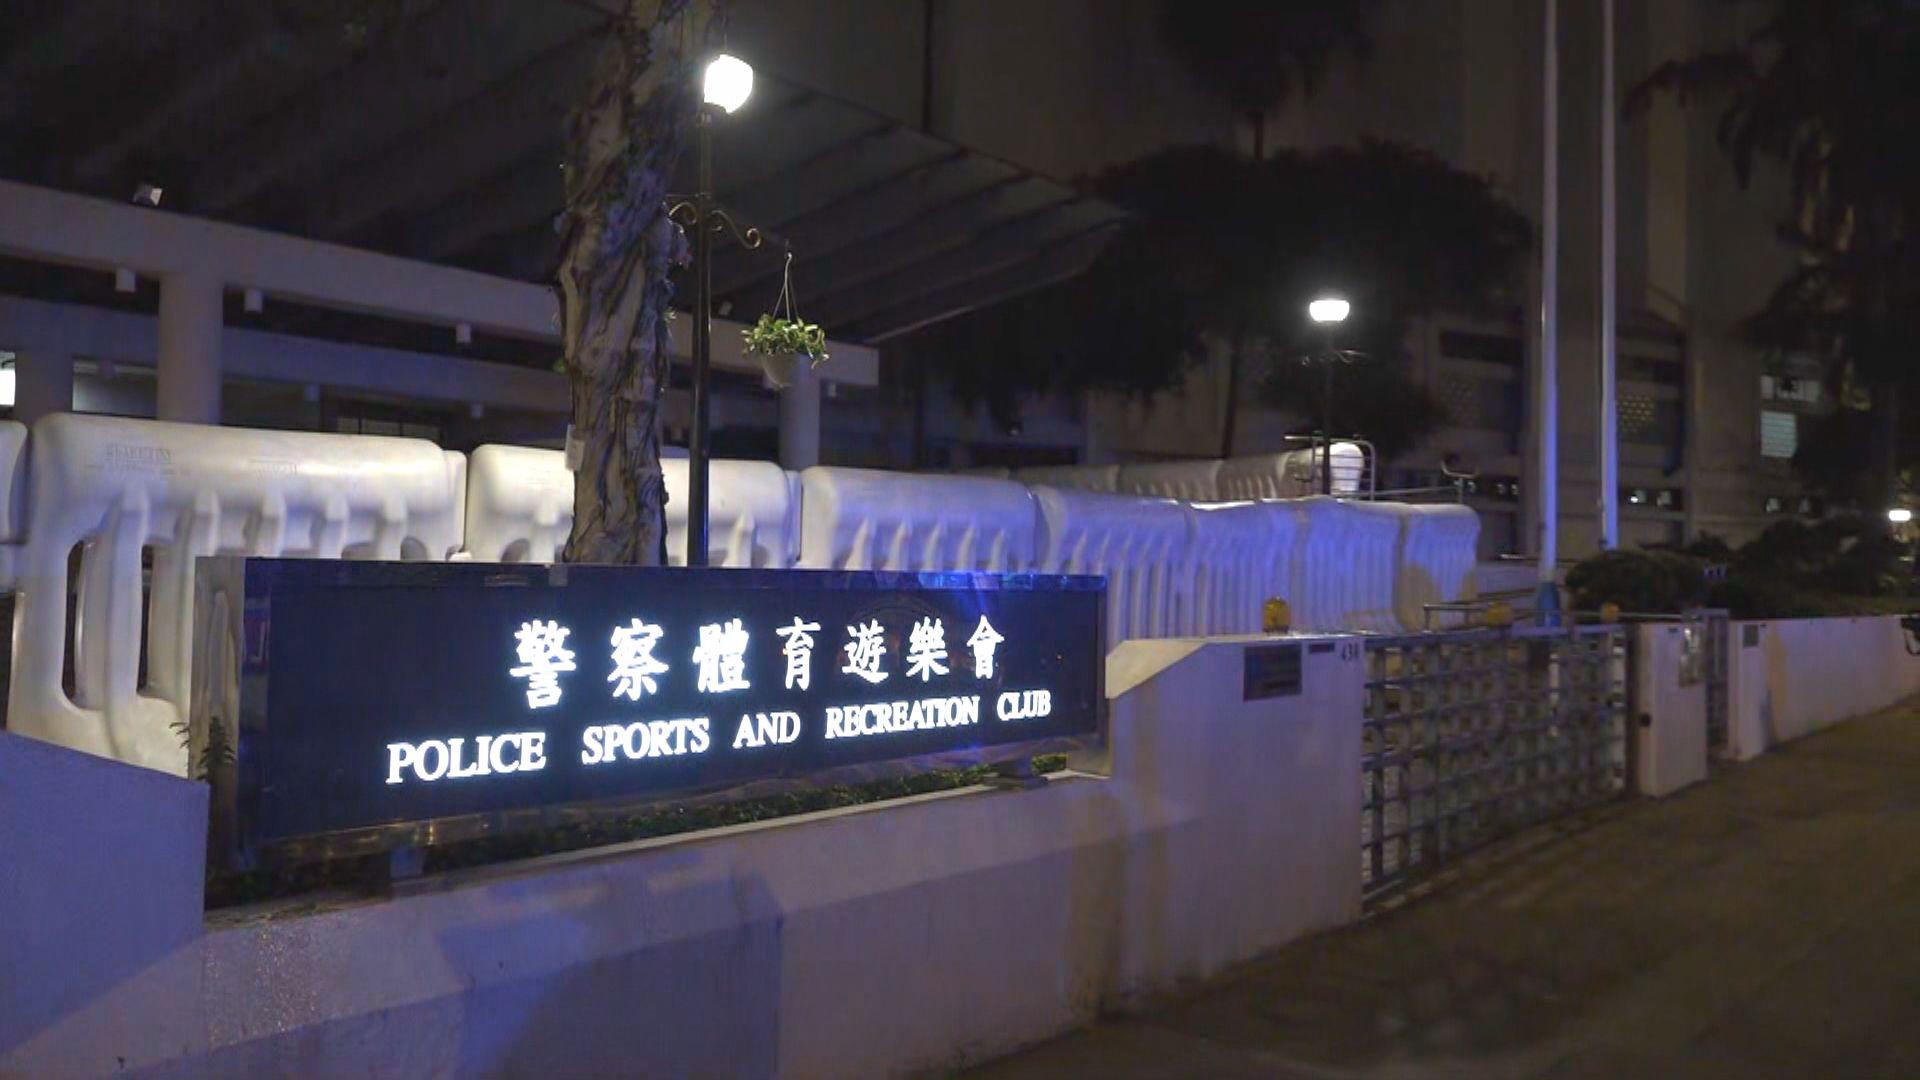 警察體育遊樂會疑遭人投擲汽油彈